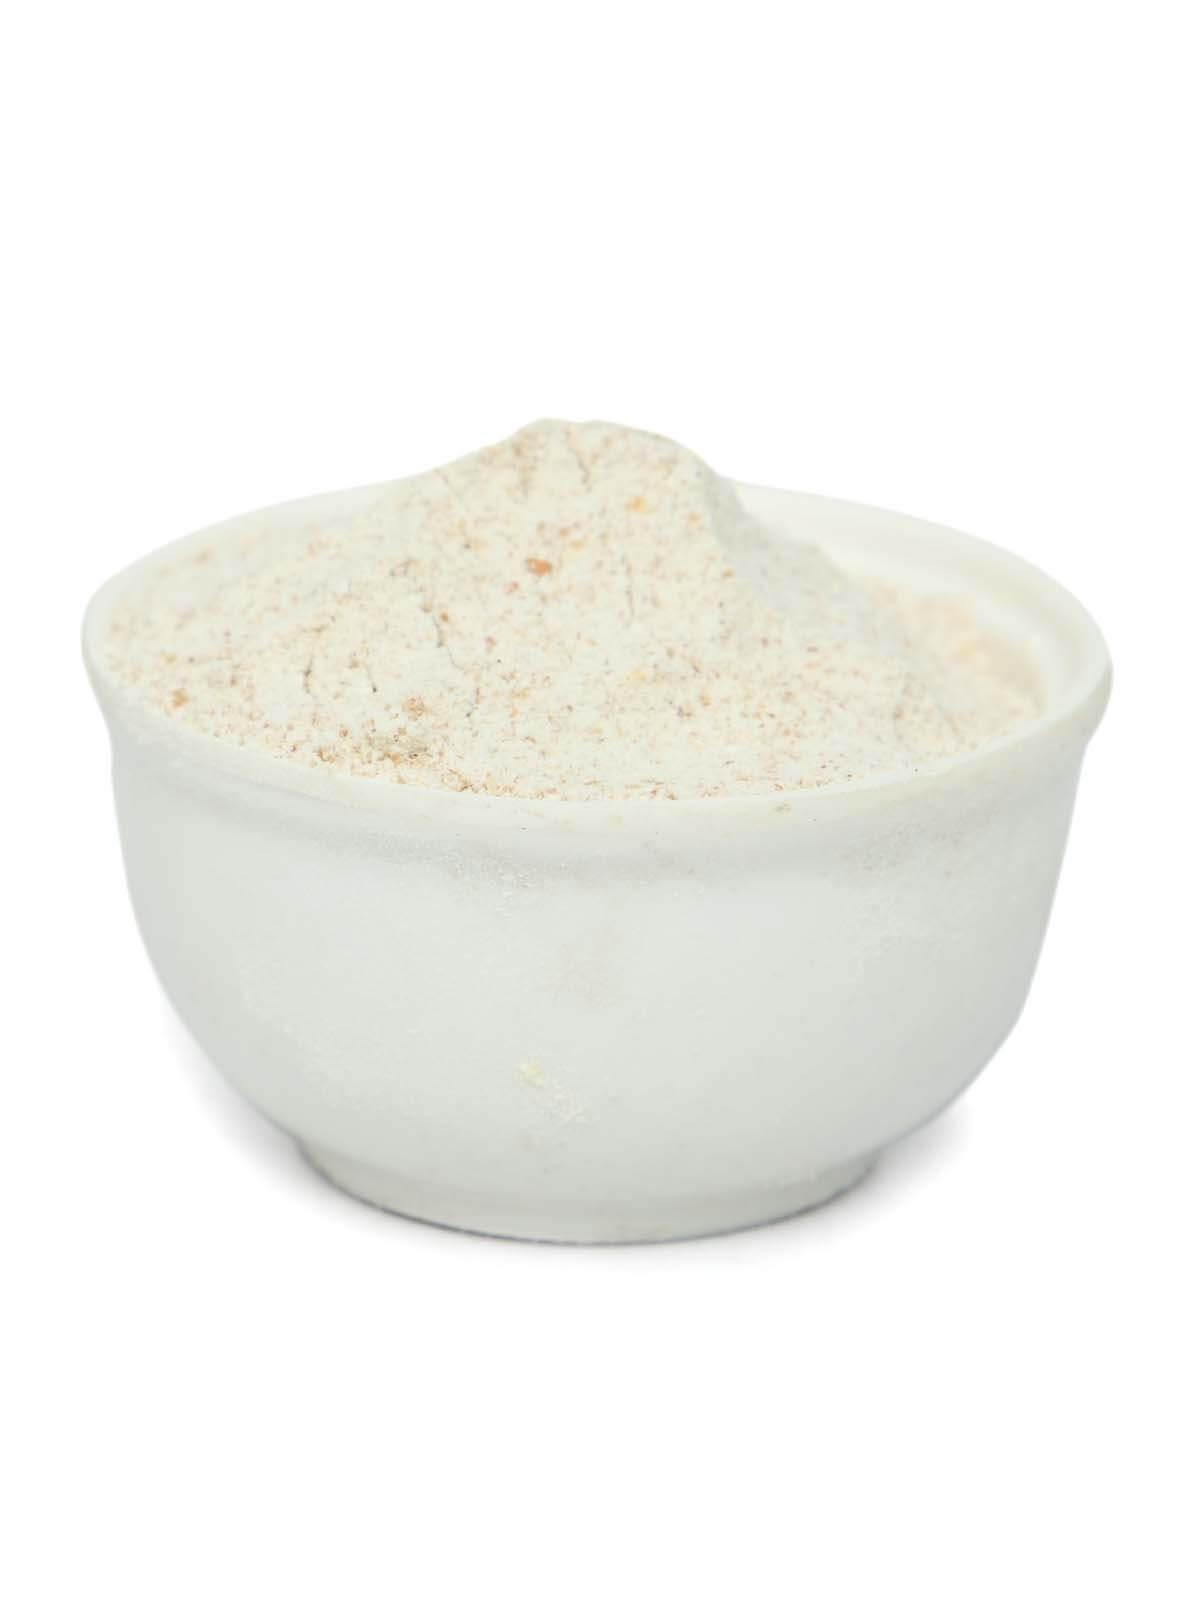 Red Wheat Flour (Lal Ata) 1 kg